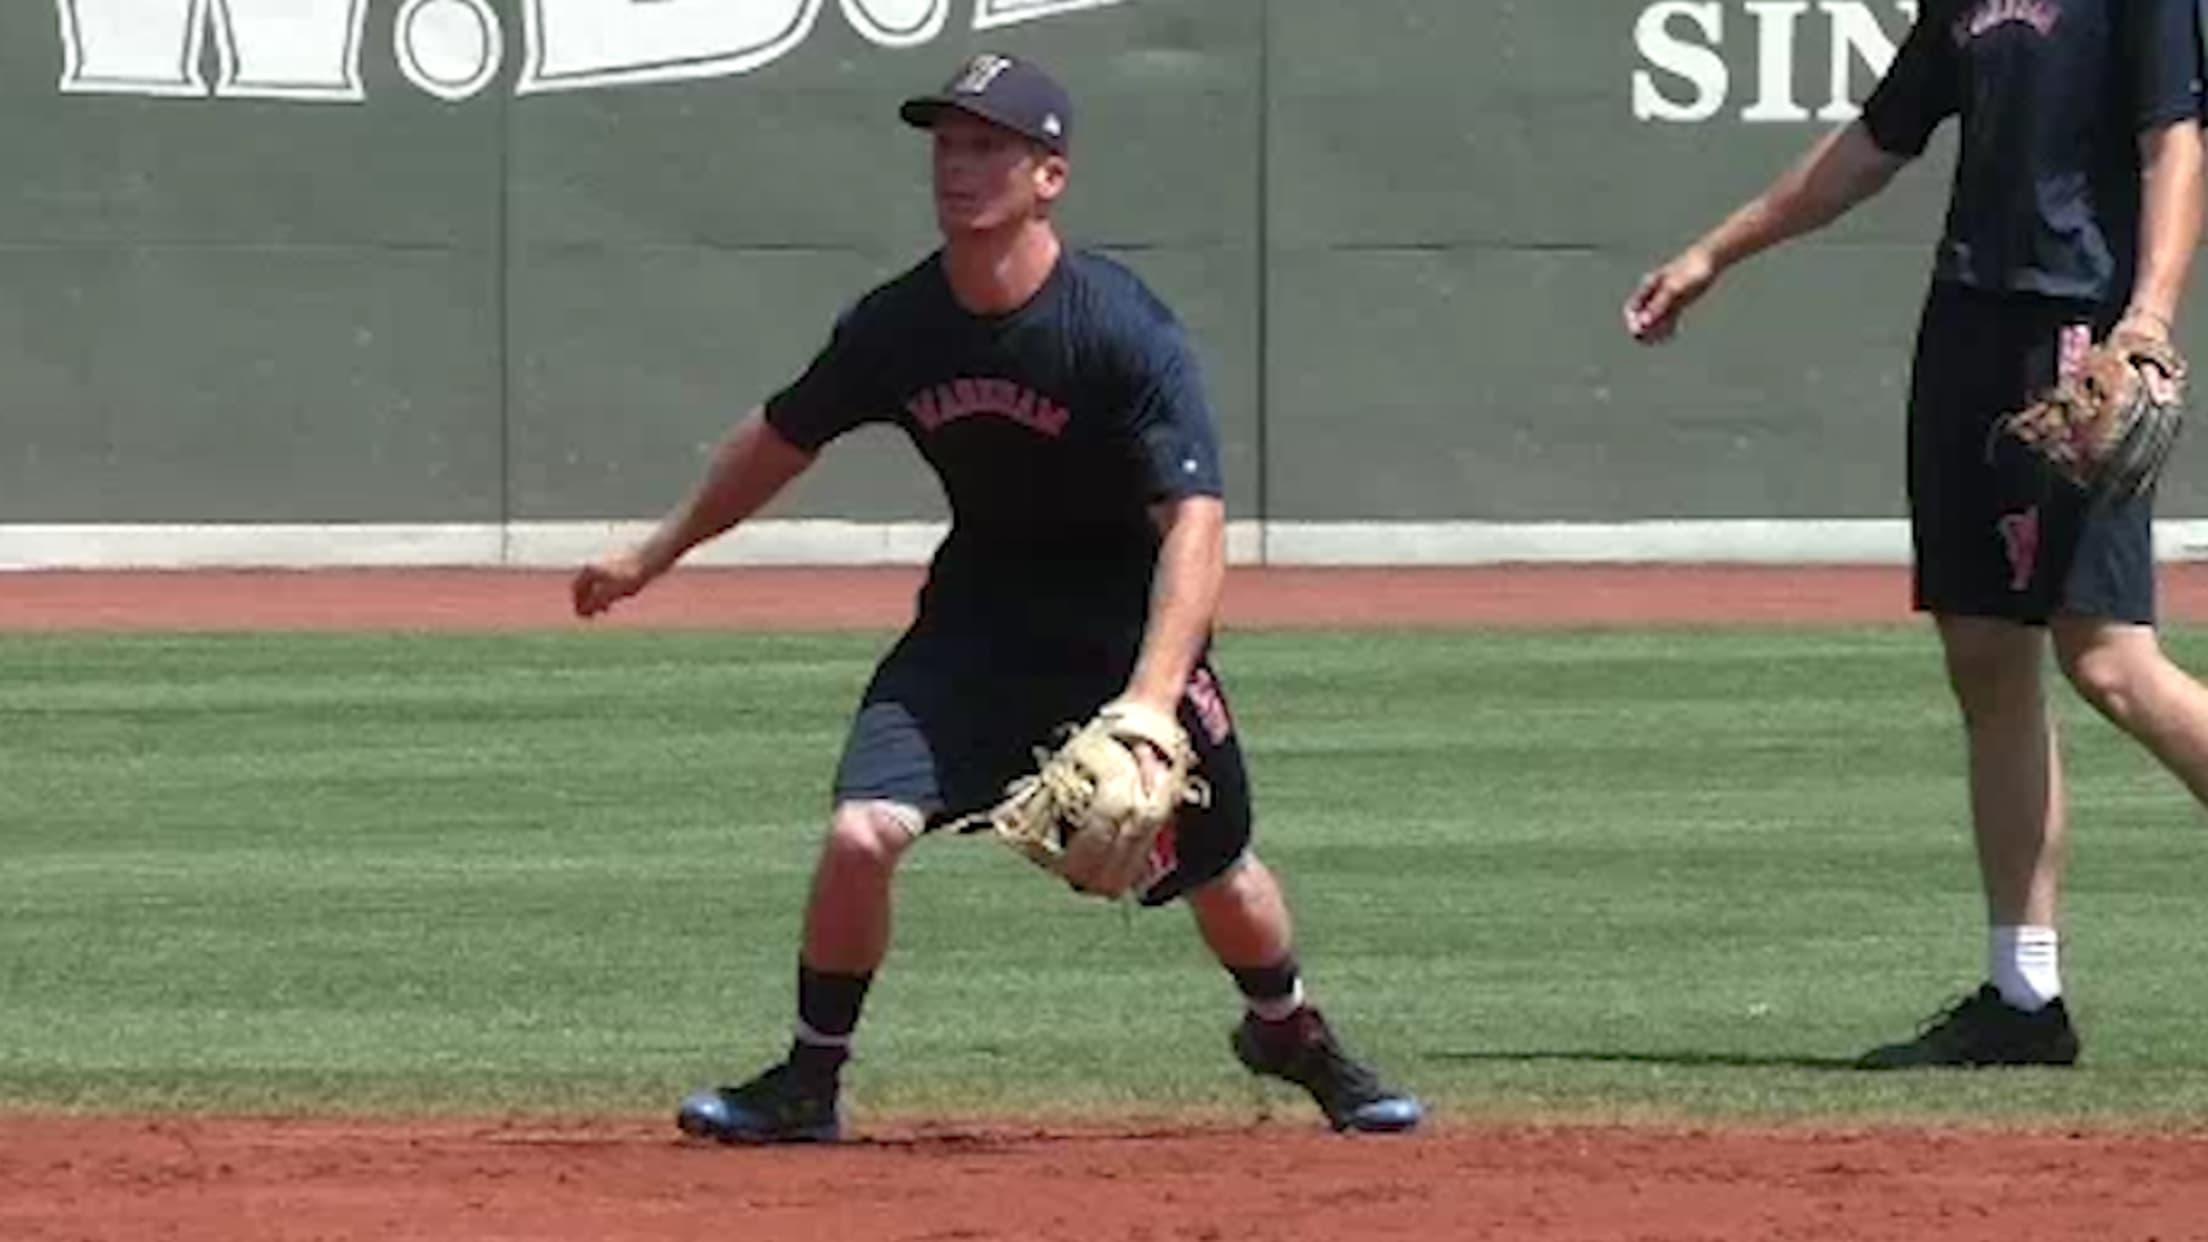 2021 Draft: Matt McLain, SS